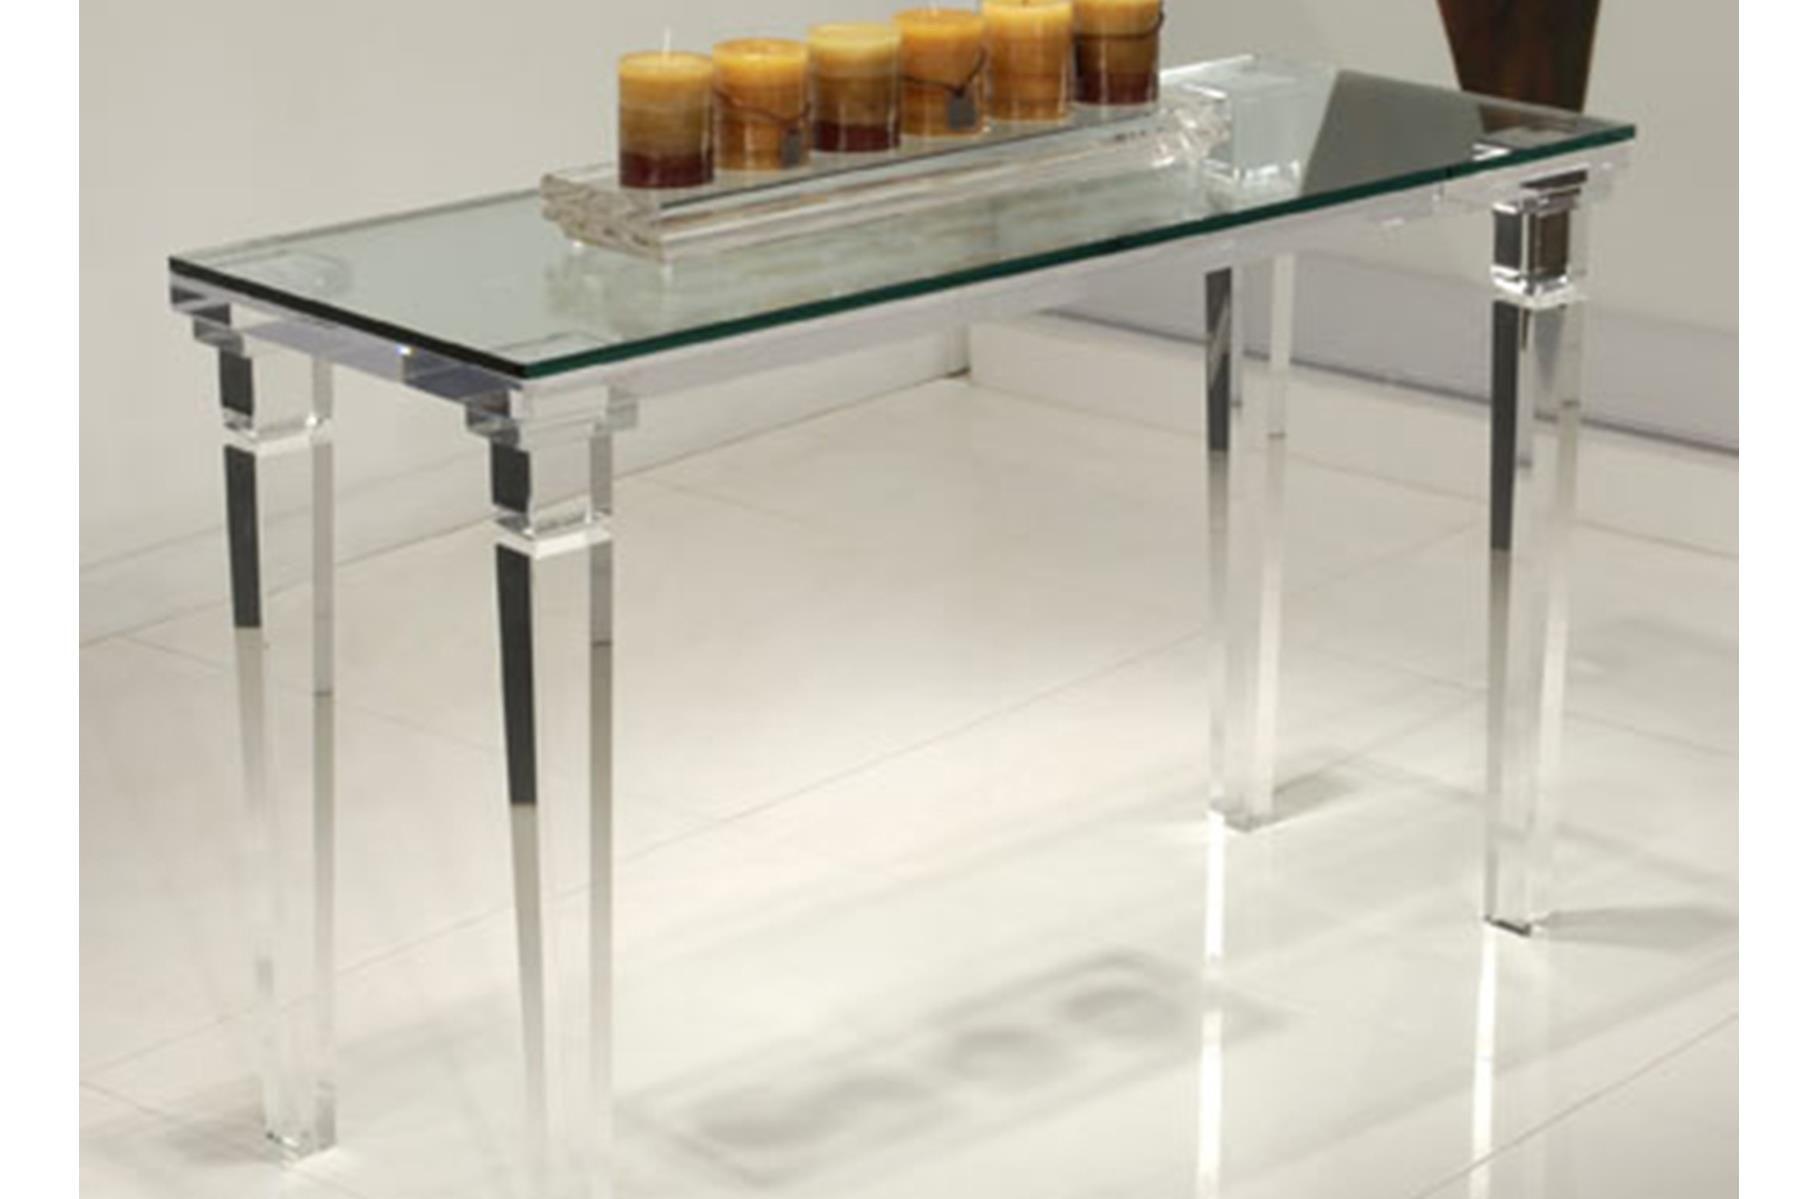 Couch Tisch Schmalen Tisch Acryl Beistelltisch Sofa Tisch Mit